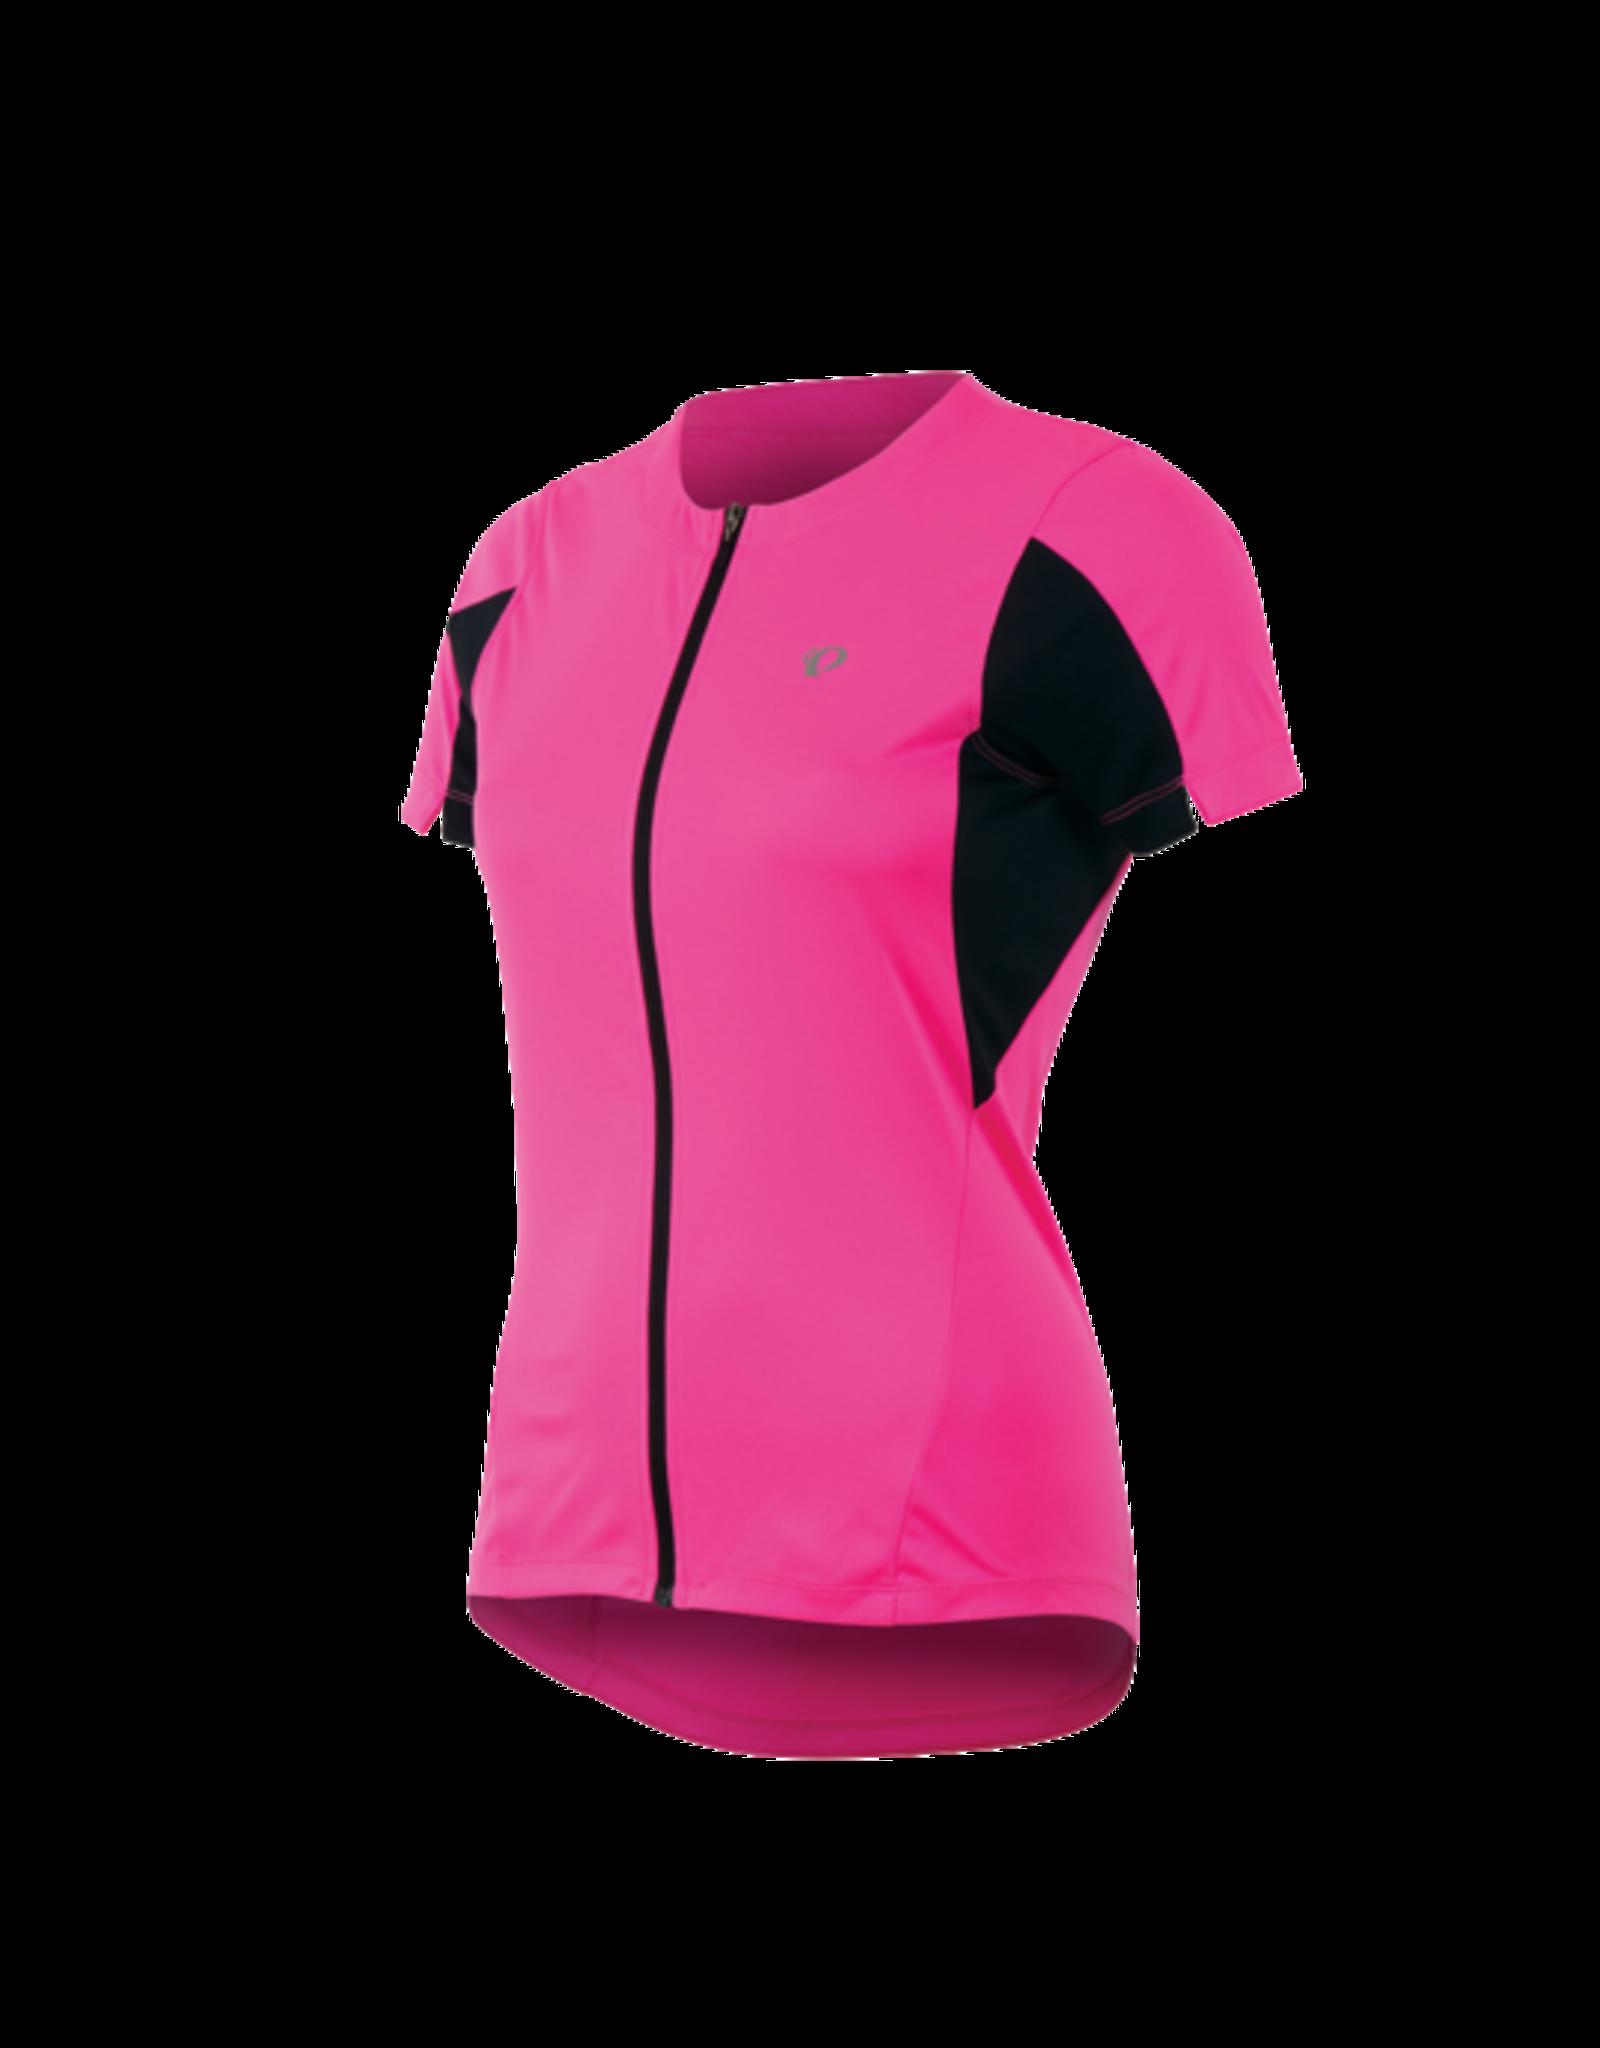 Pearl Izumi Select Woman Cycling Jersey Pink